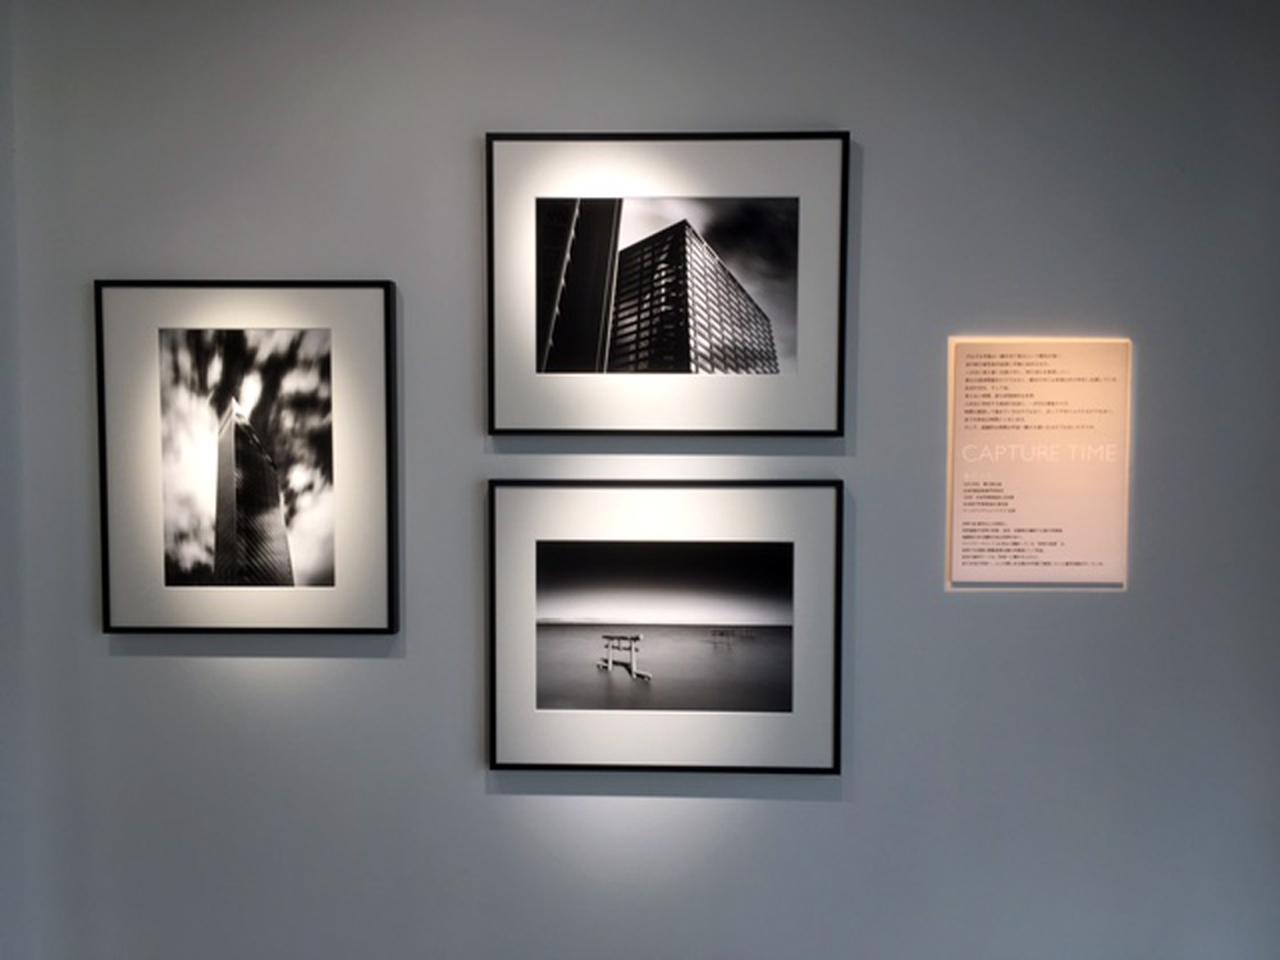 画像1: 藤村大介写真展『CAPTURE TIME』。長時間露光による黒白の風景写真が迫力100%です。